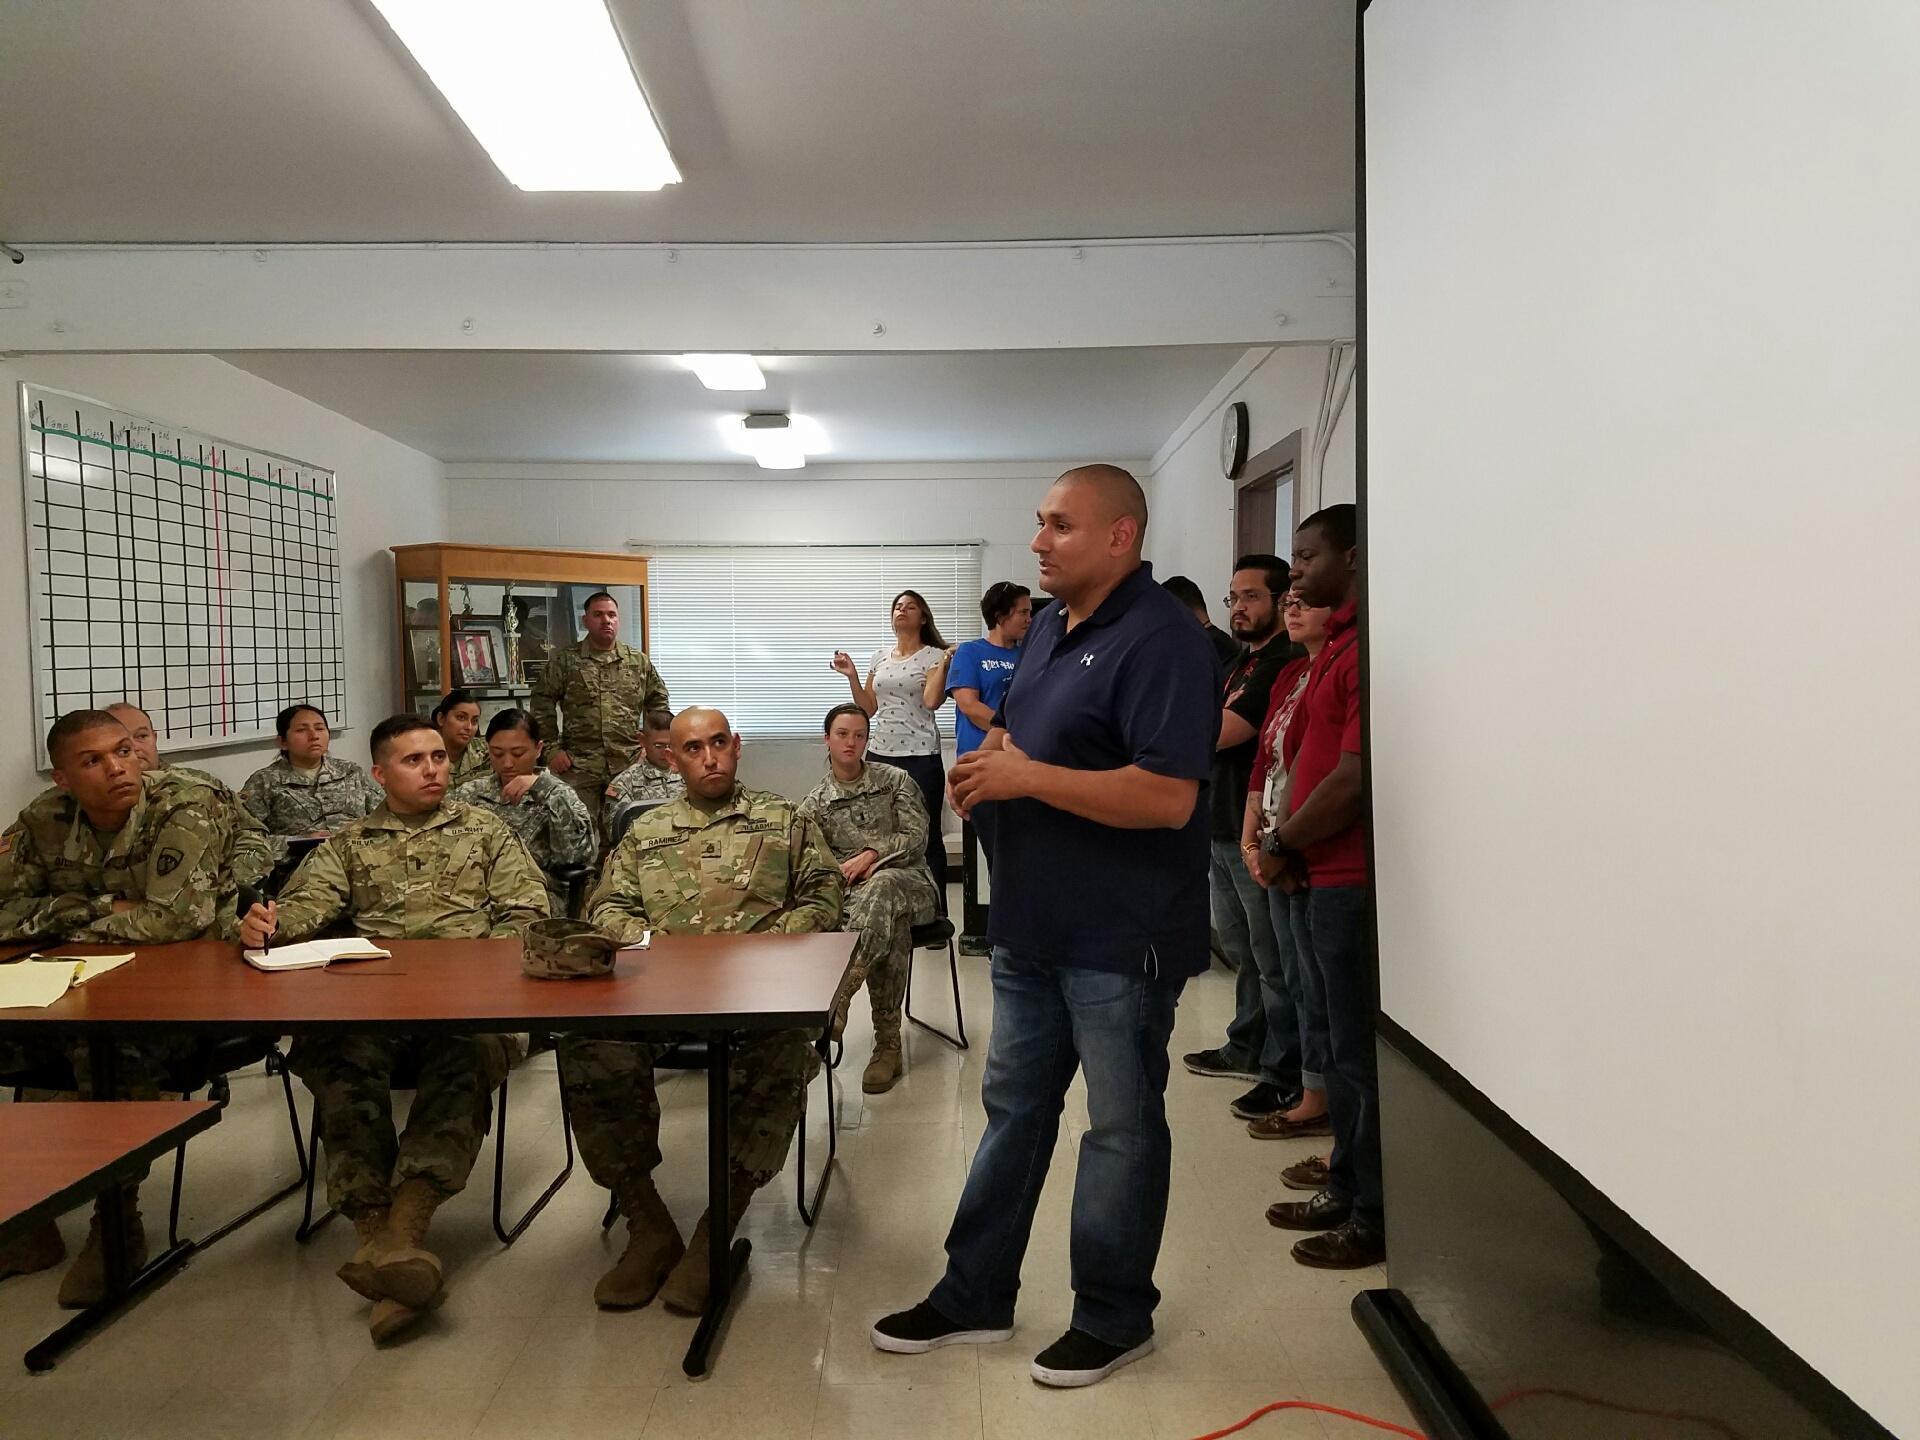 Veterans classroom